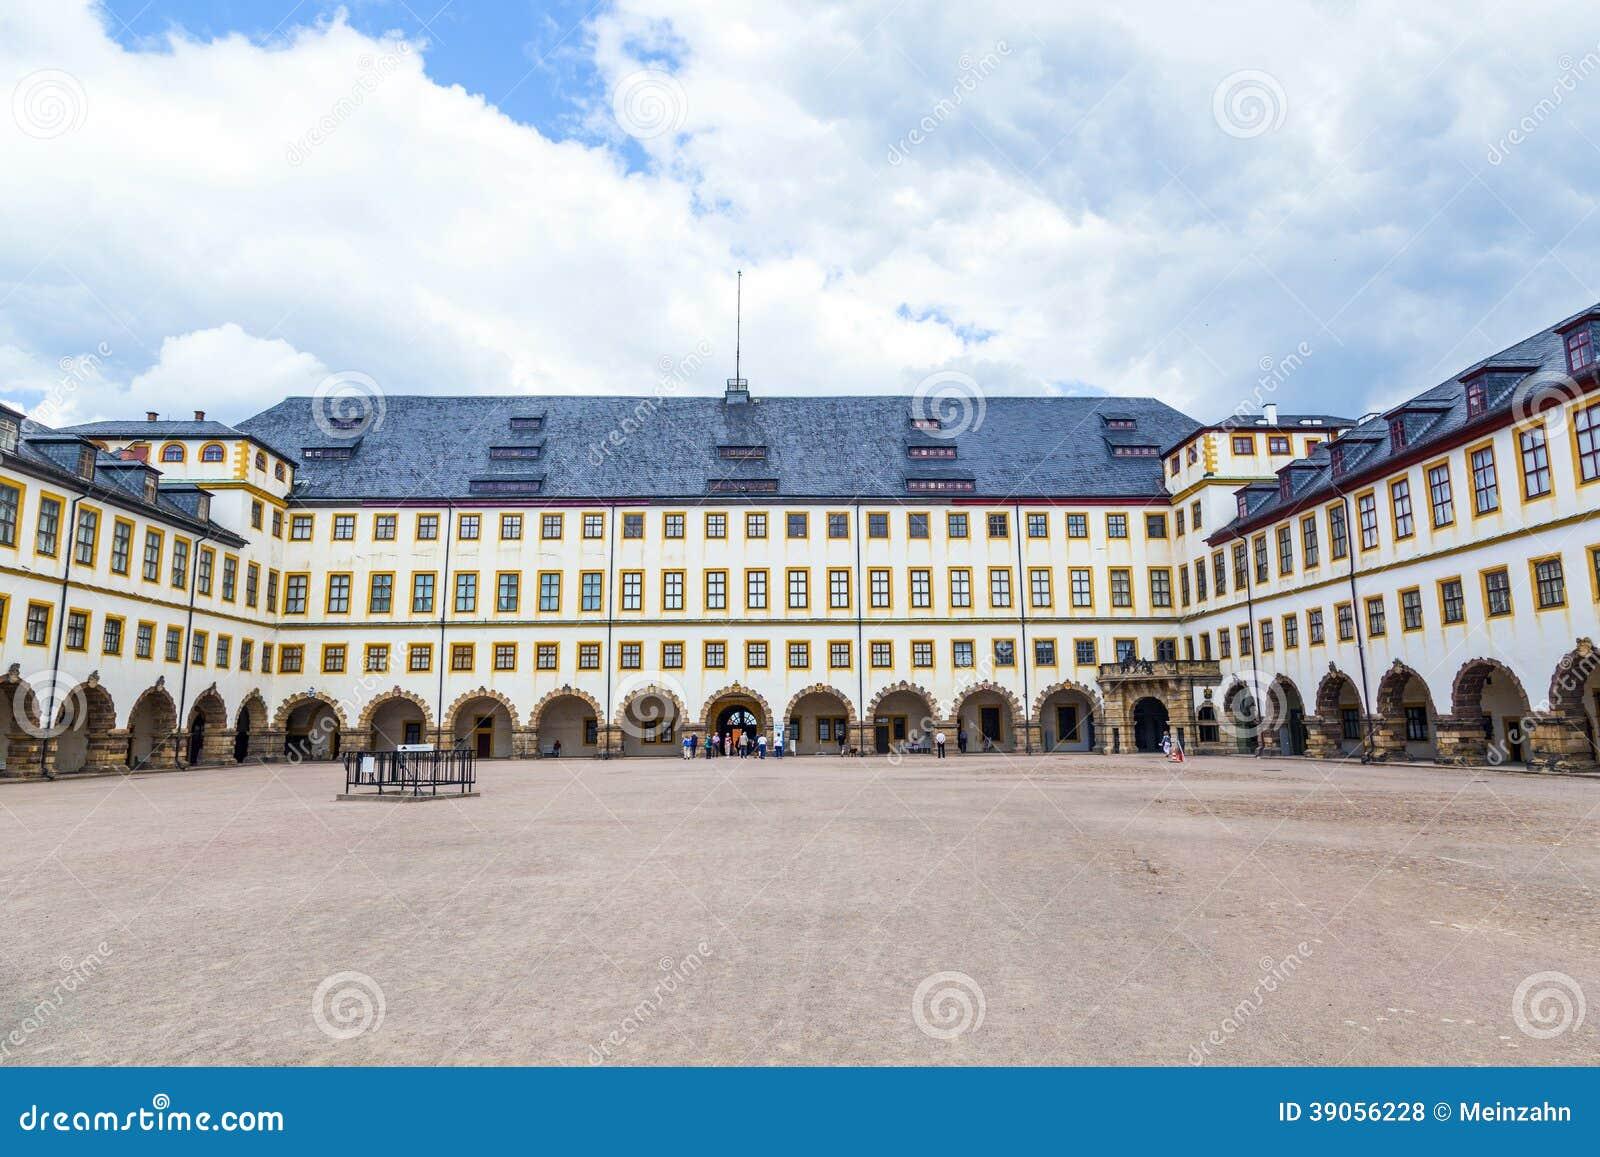 Bordell In Gotha